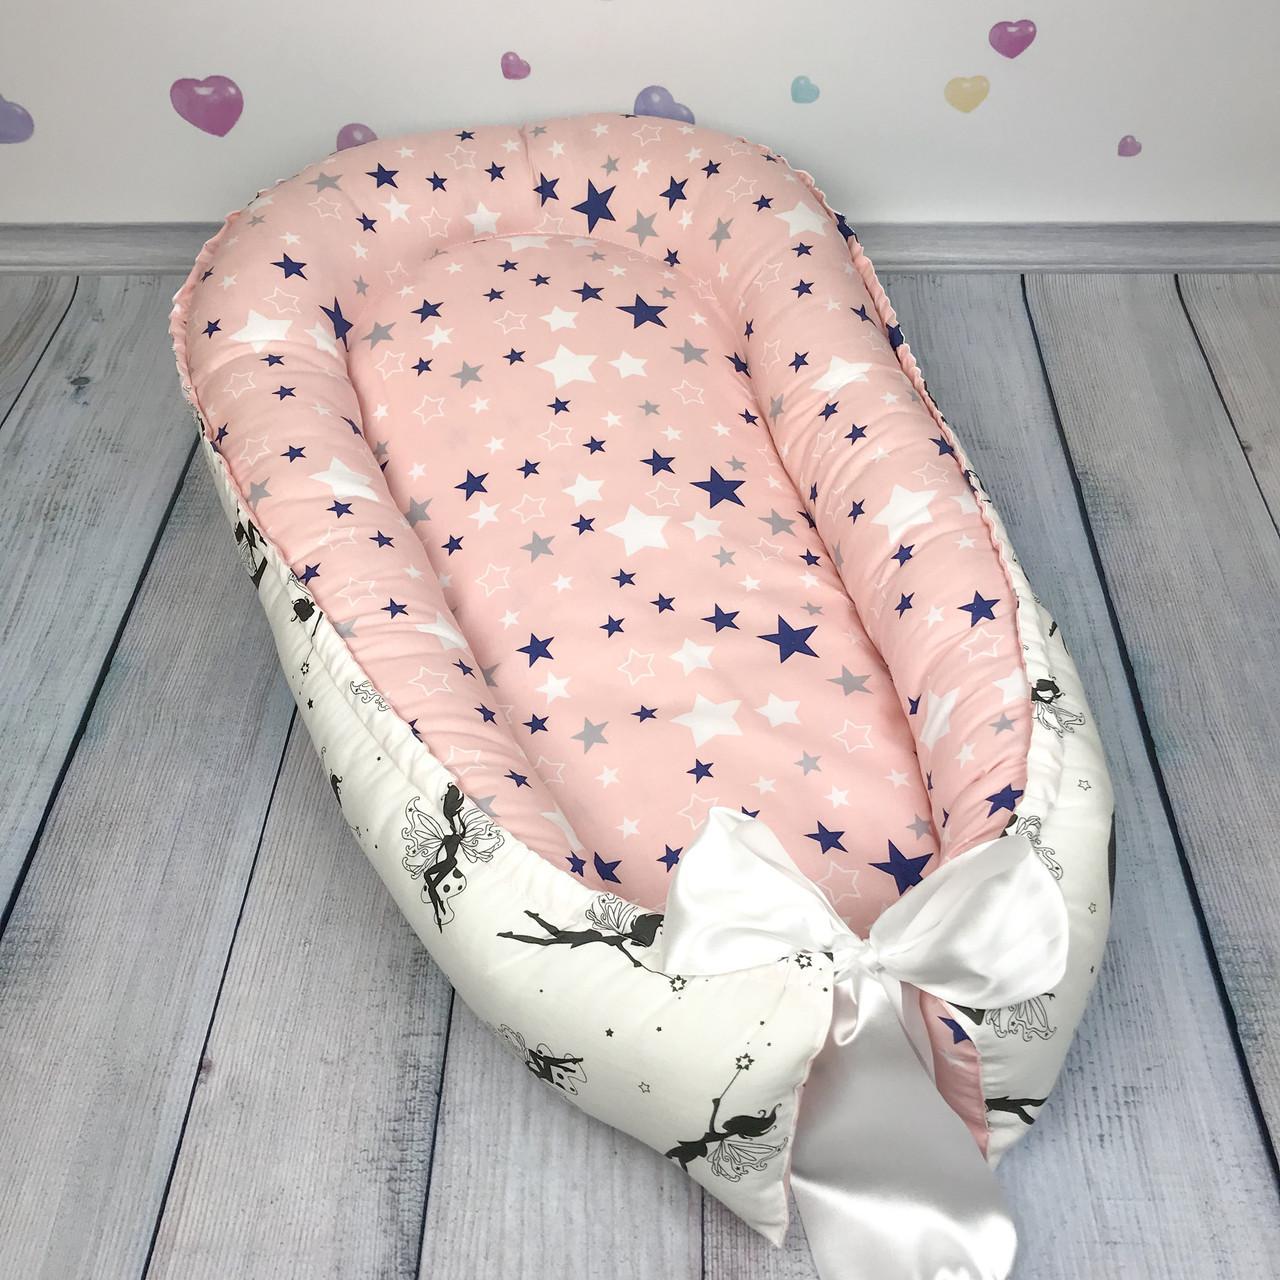 """Кокон-гнёздышко для новорожденного с кокосовым матрасом """"Звёздные Феи"""""""